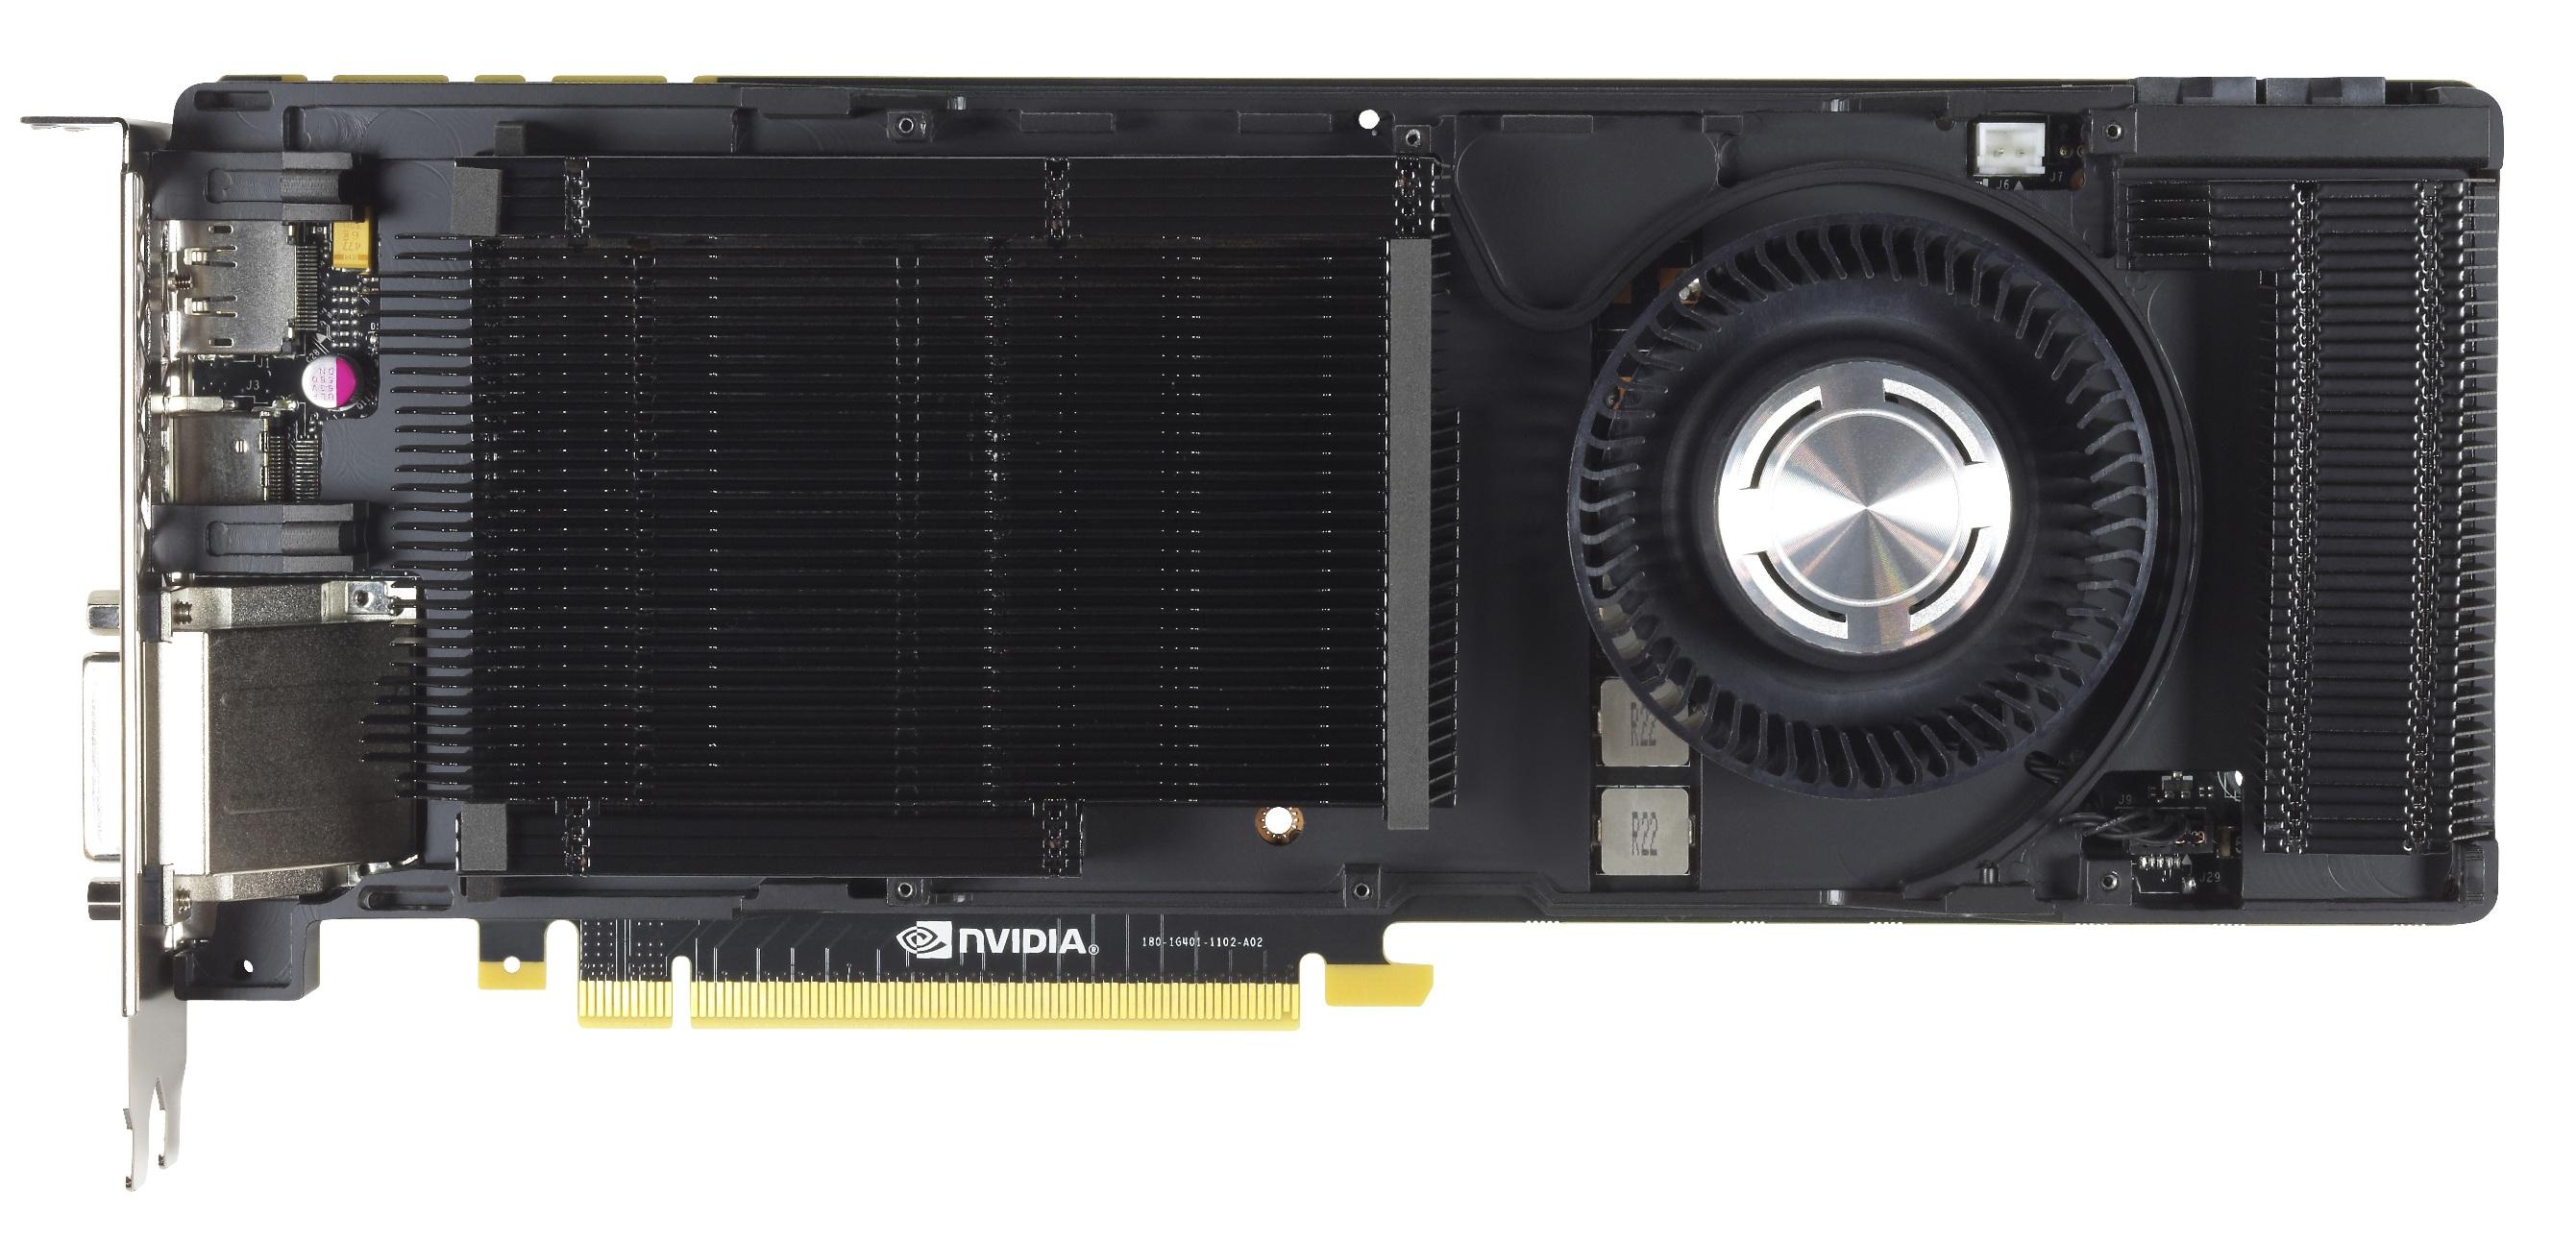 Nvidia GTX 1090 Ti Cooler